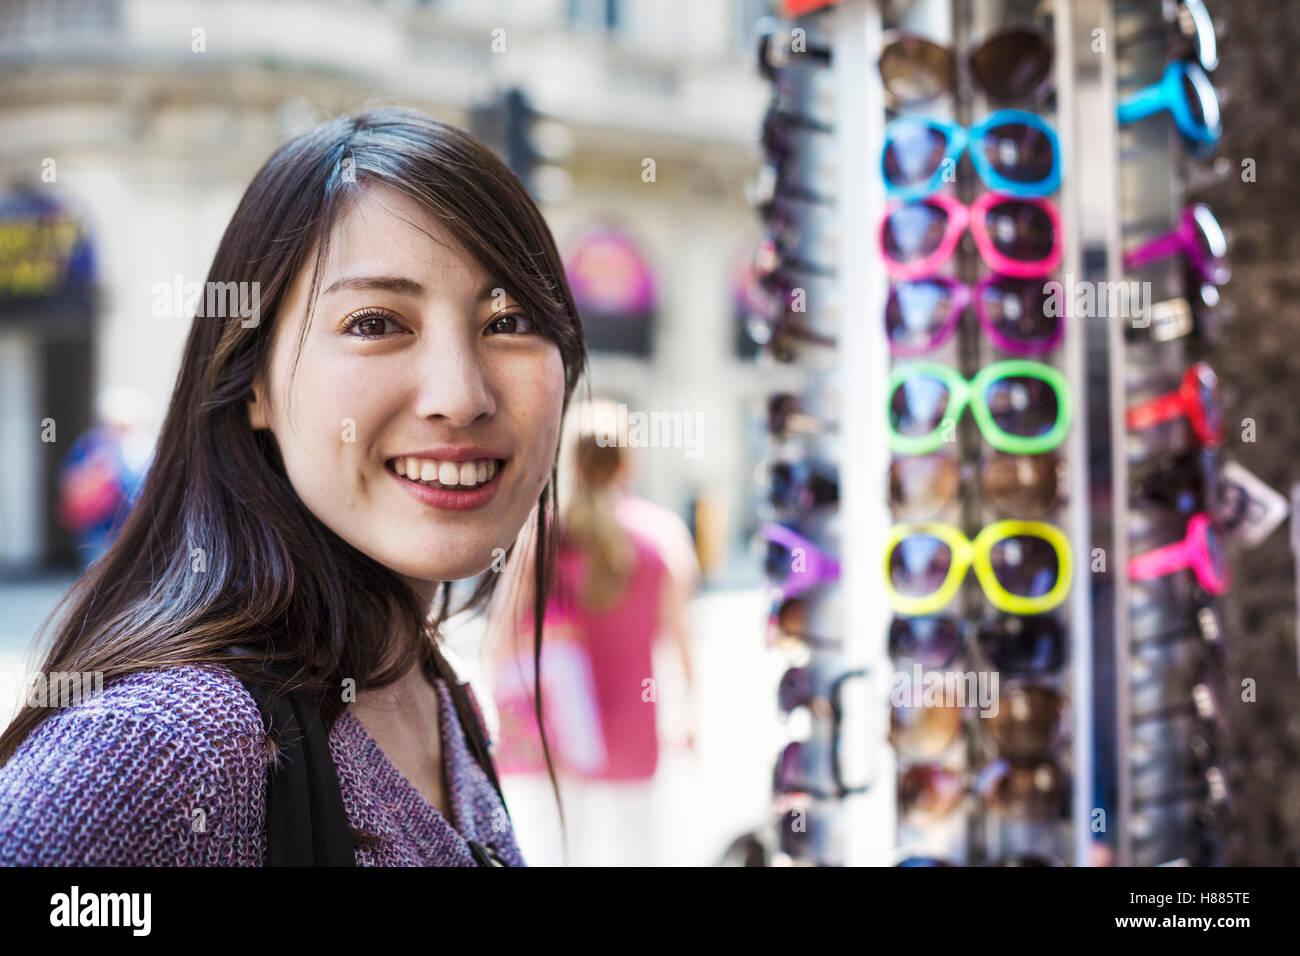 Una mujer japonesa tratando sobre gafas de sol en Londres, un turista de verano. Imagen De Stock